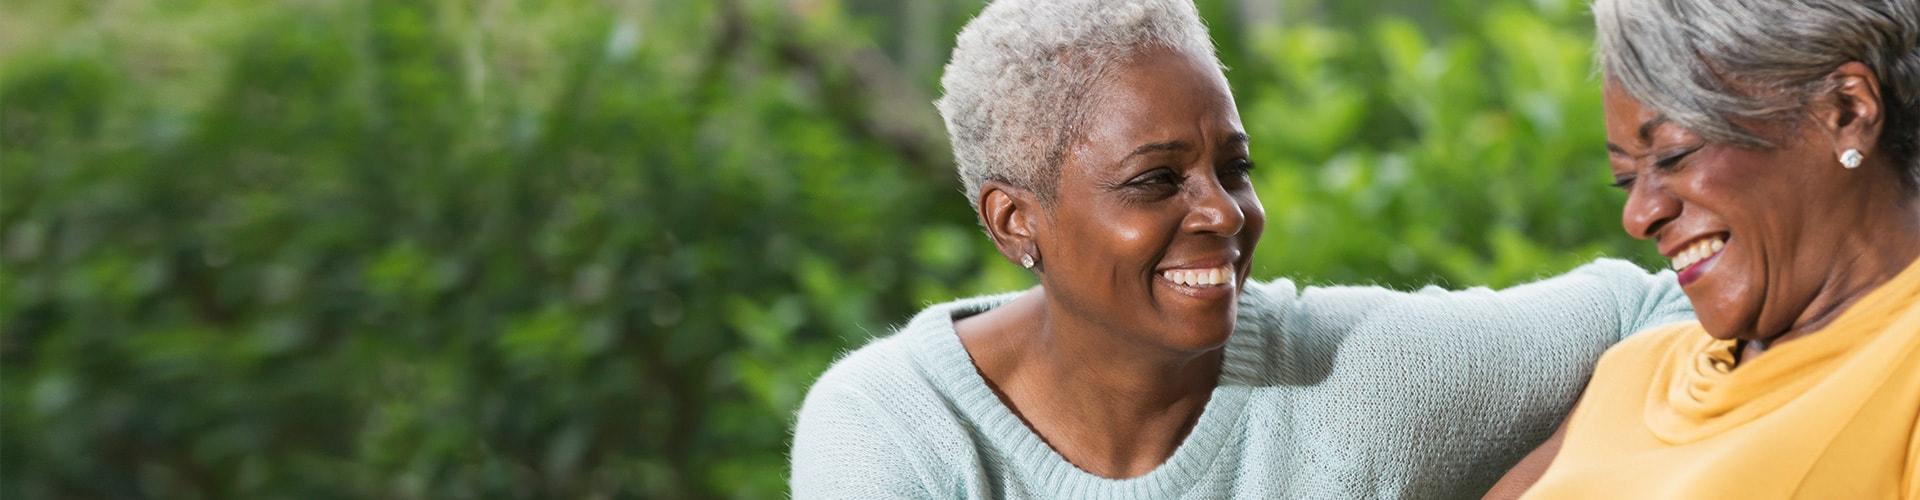 Dos mujeres hablando. Philips Hearing Solutions te ayuda a escuchar mejor, para que conectes mejor con los demás.